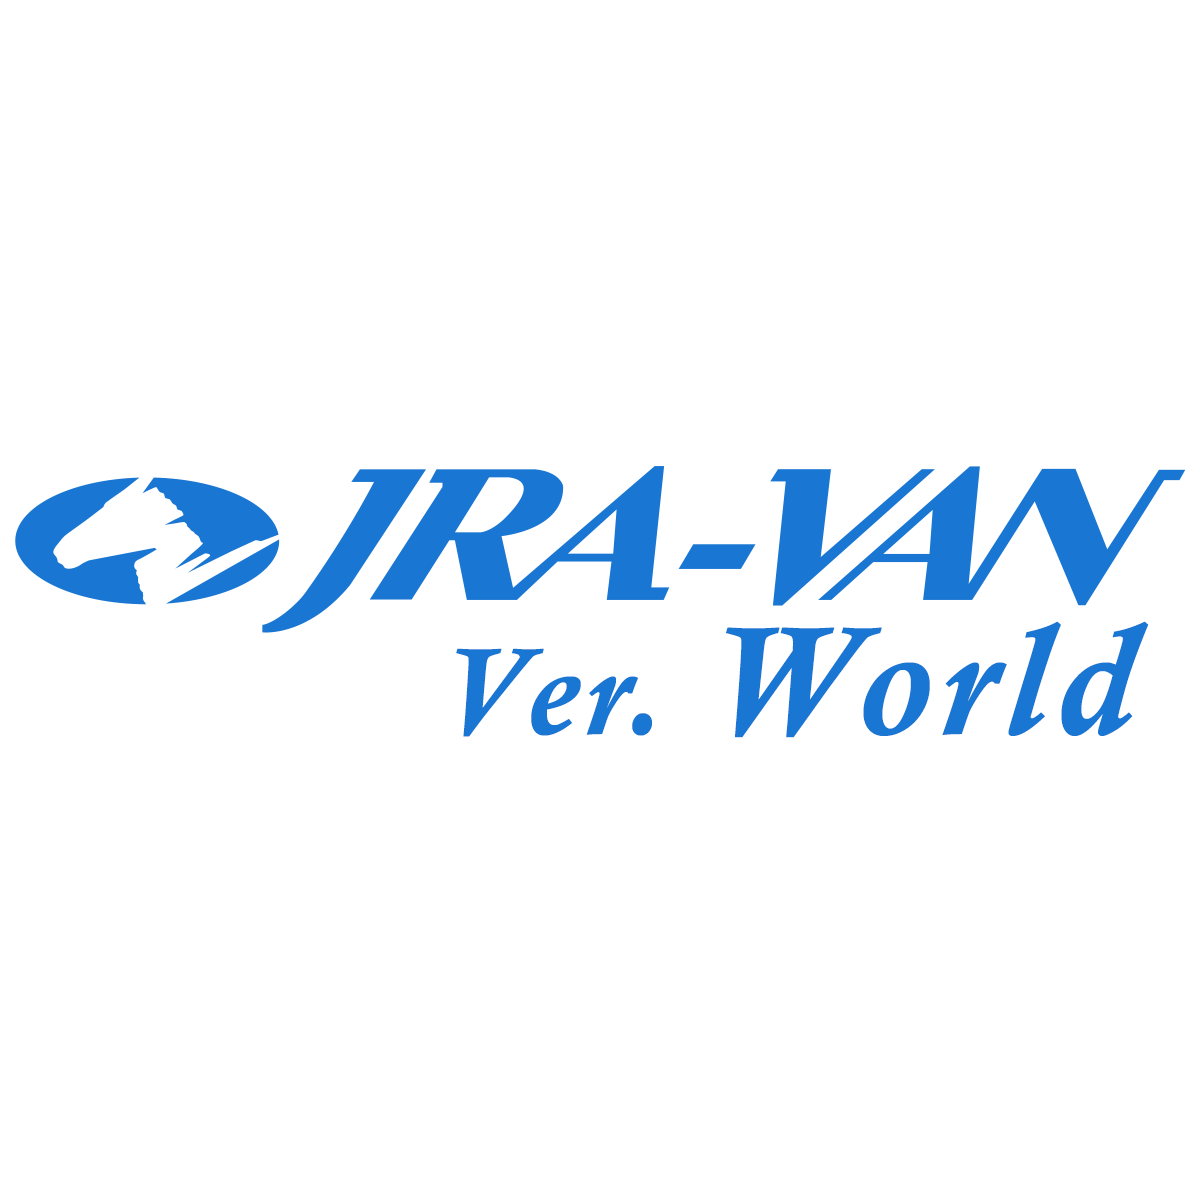 BCクラシック制したヴィーノロッソが引退、種牡馬入り | JRA-VAN Ver.World